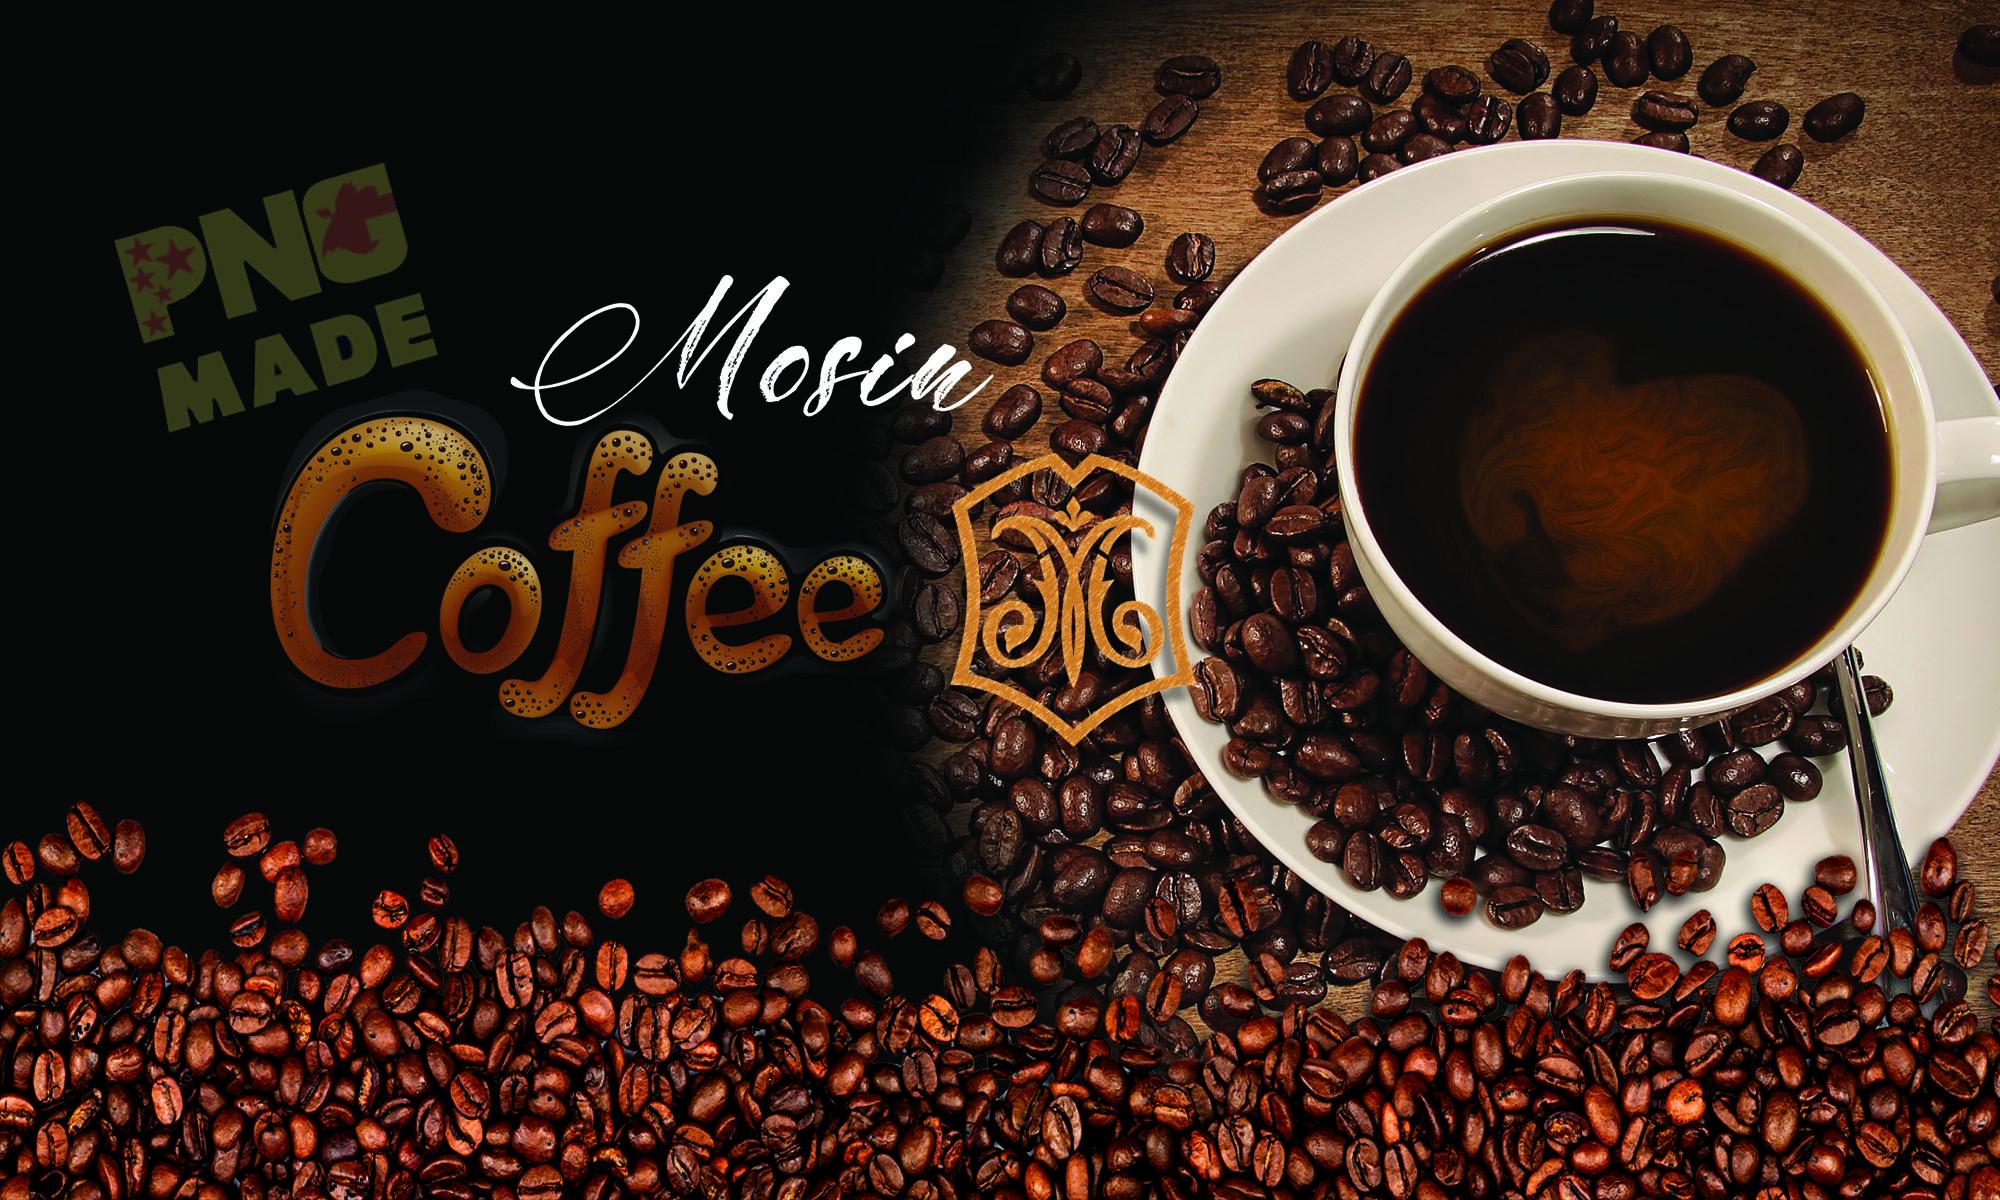 Mosin Coffee